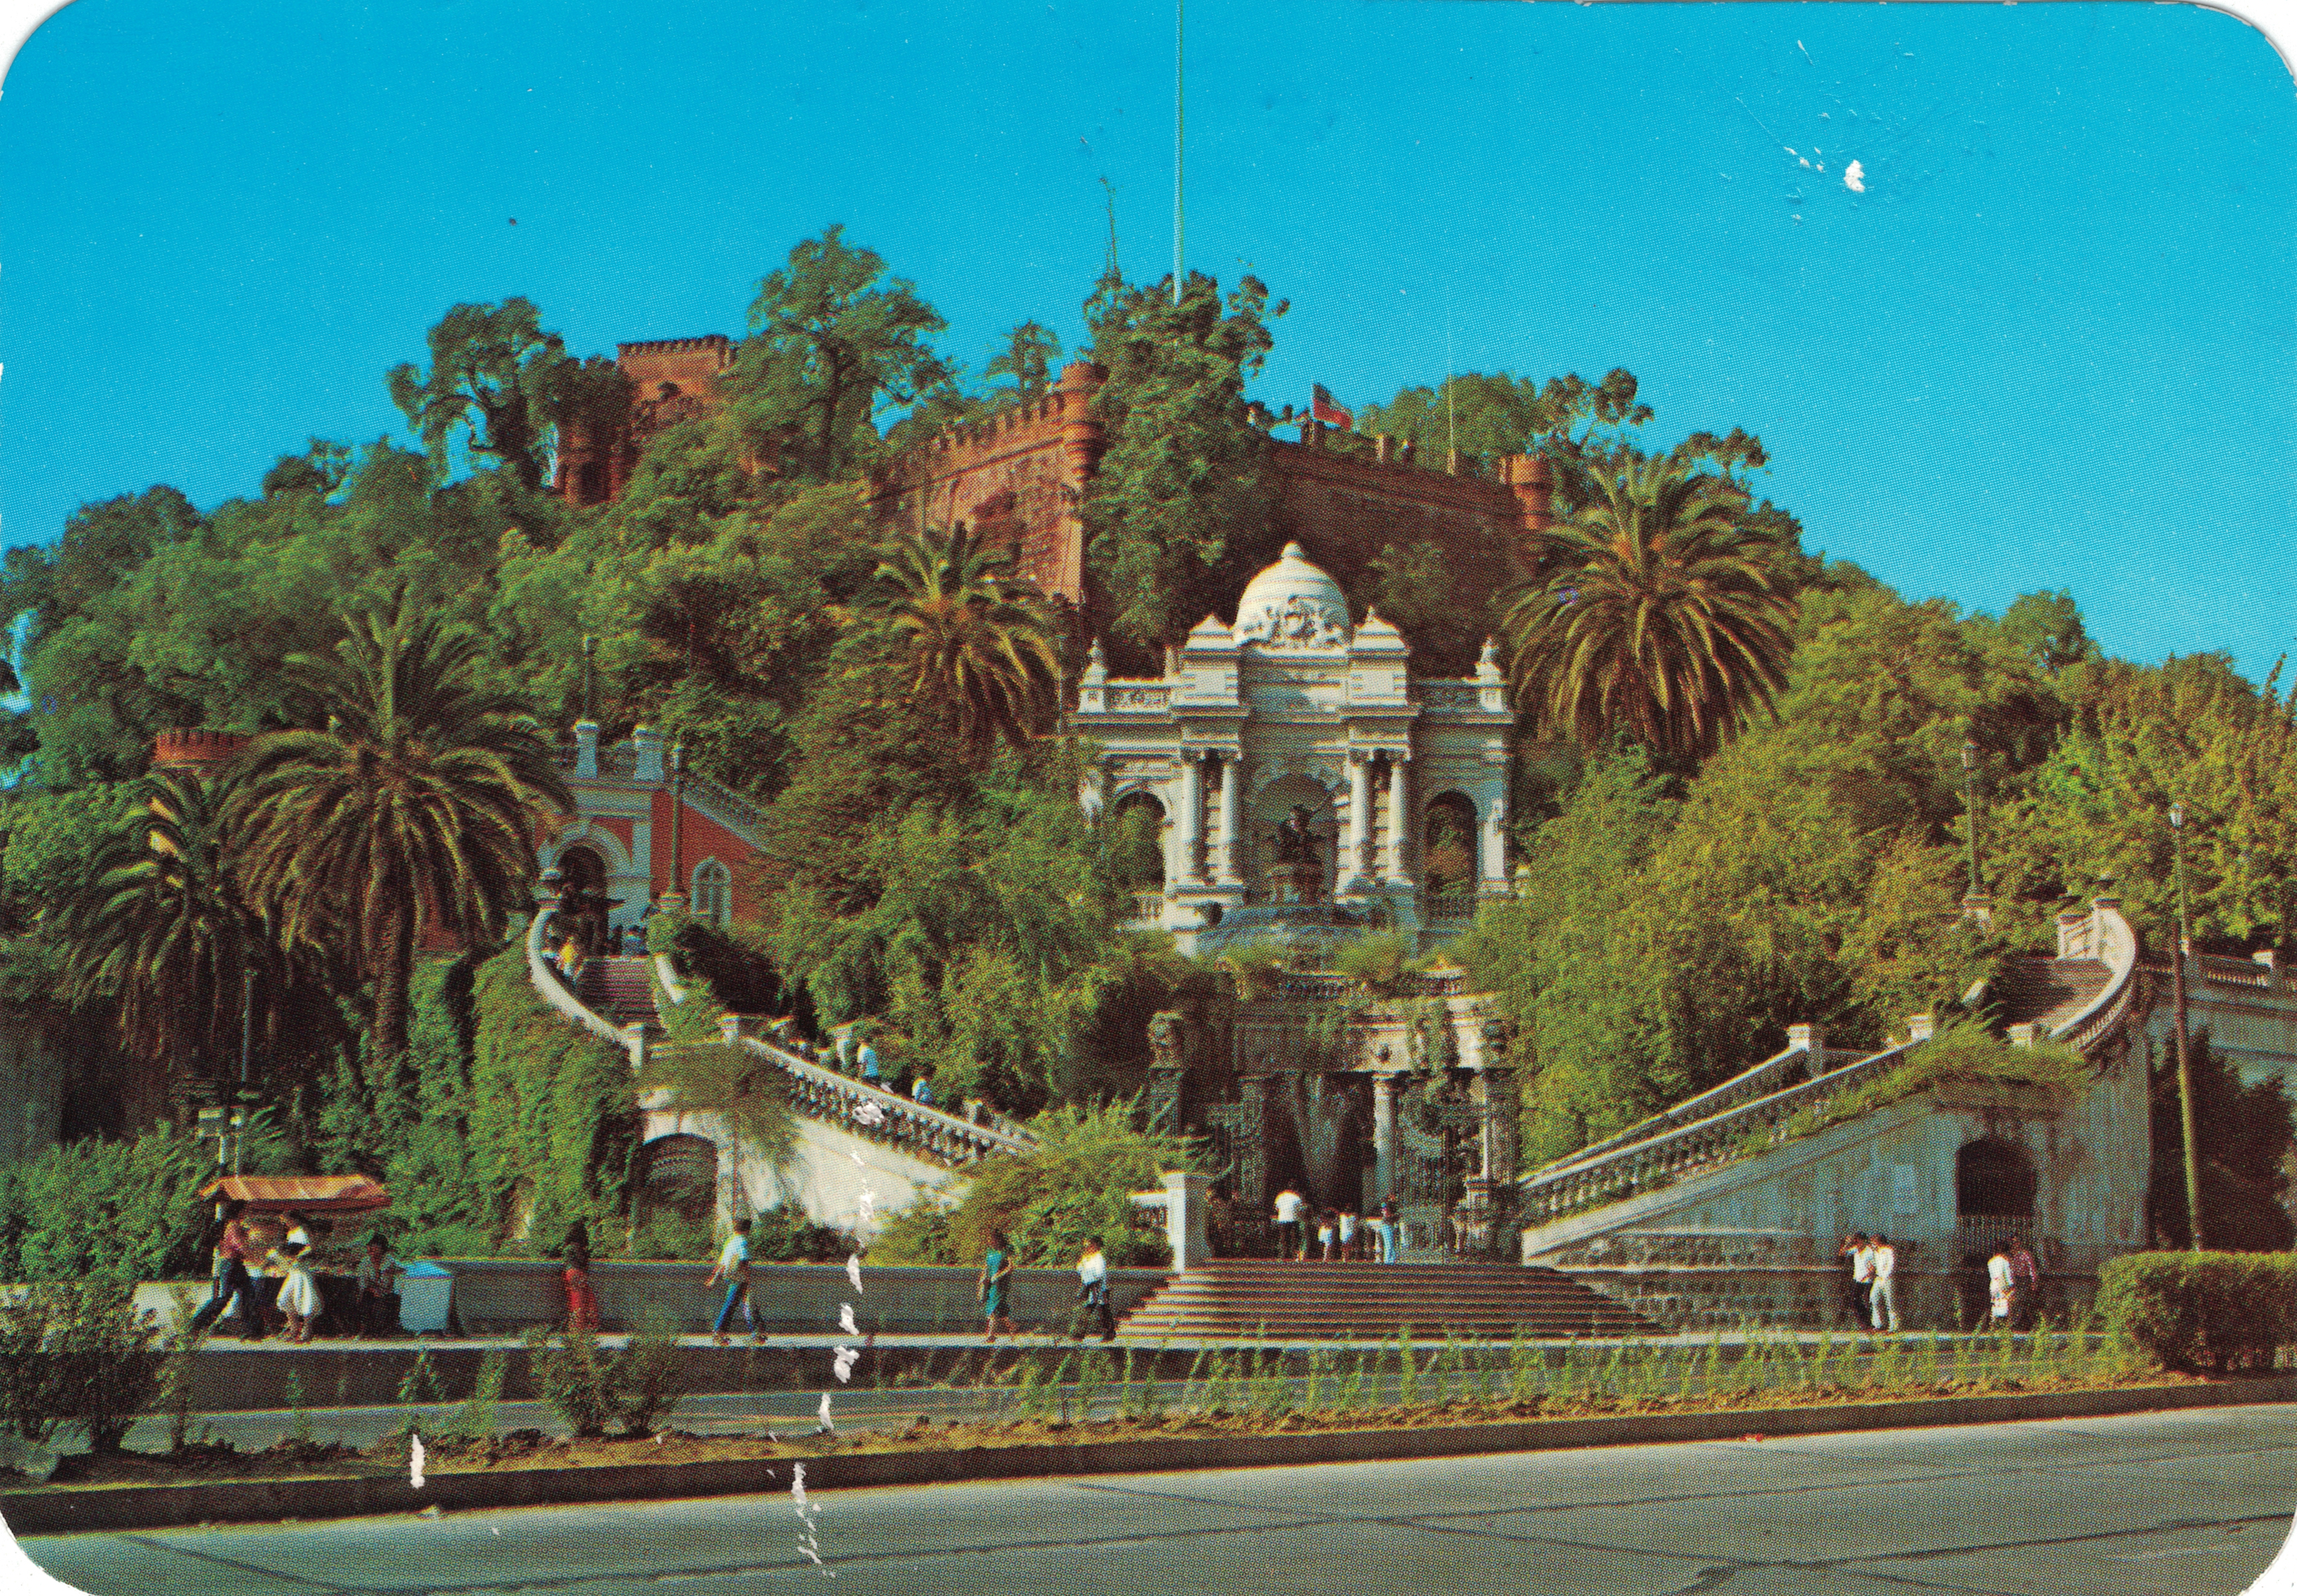 Enterreno - Fotos históricas de chile - fotos antiguas de Chile - Cerro Santa Lucía, años 80'